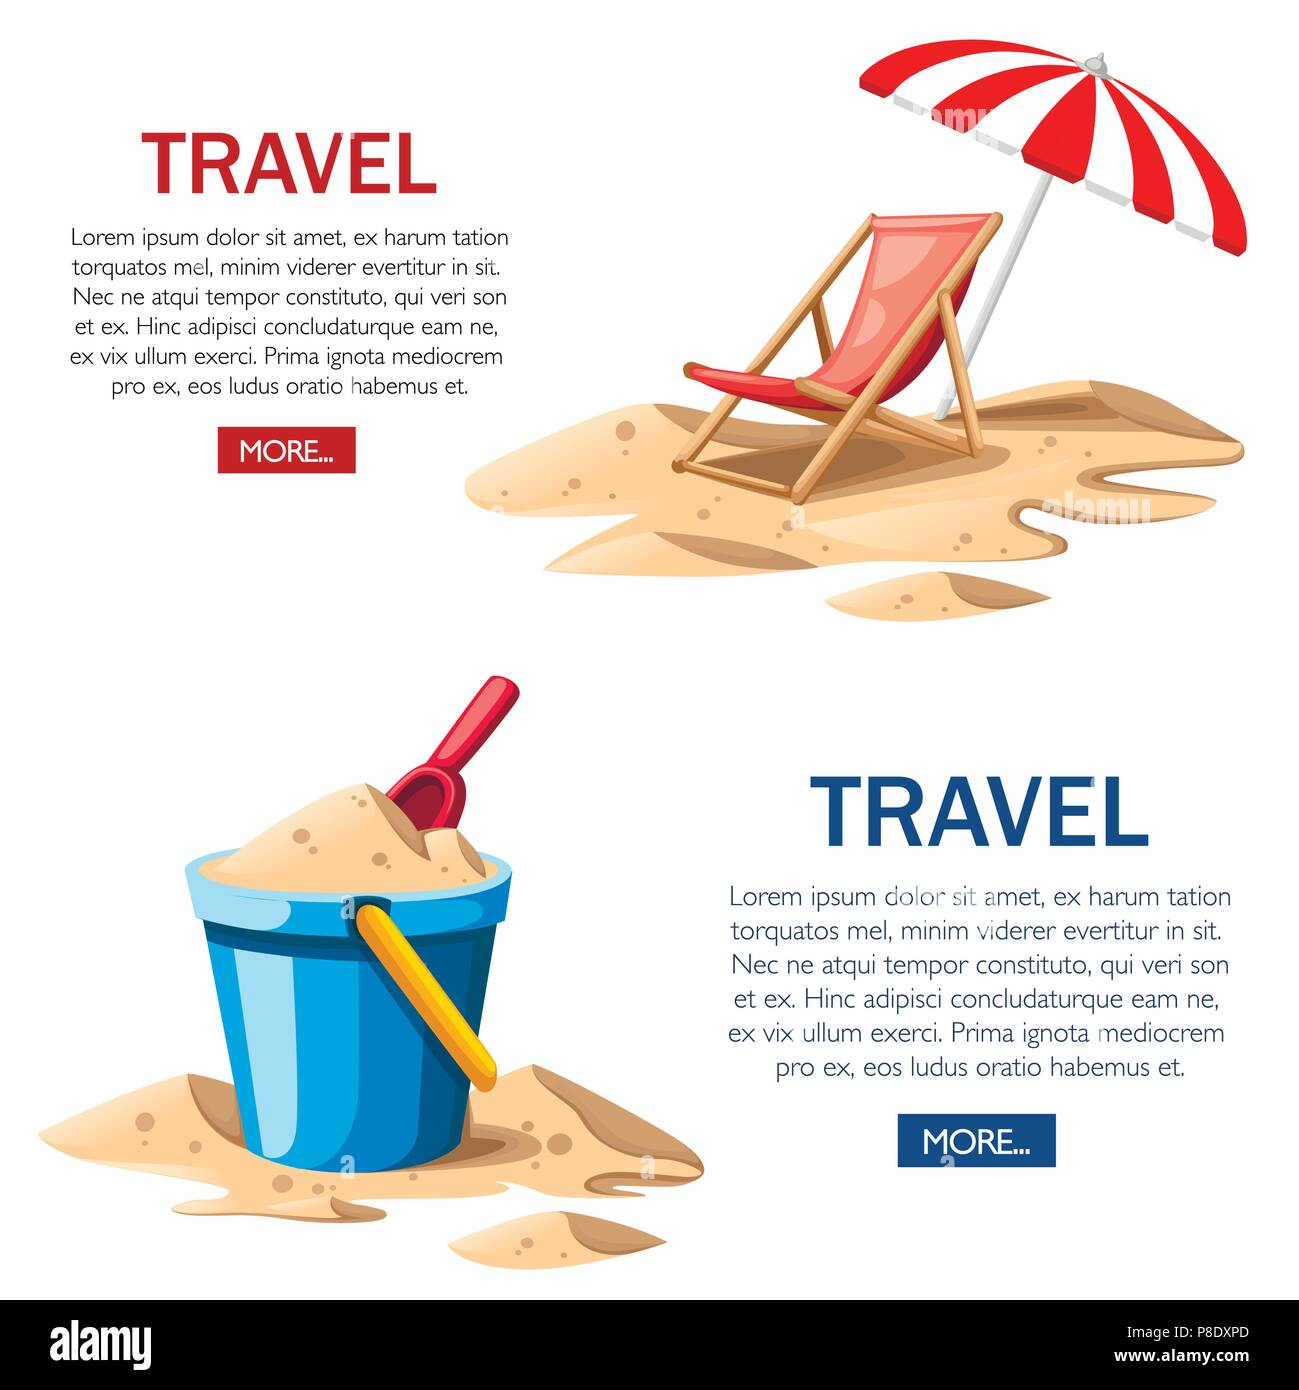 Seau et chat. Chaise de plage rouge avec parapluie. Chaise en bois et de jouets en plastique sur le sable. L'icône de l'été. Télévision vector illustration sur fond blanc. Trav Photo Stock